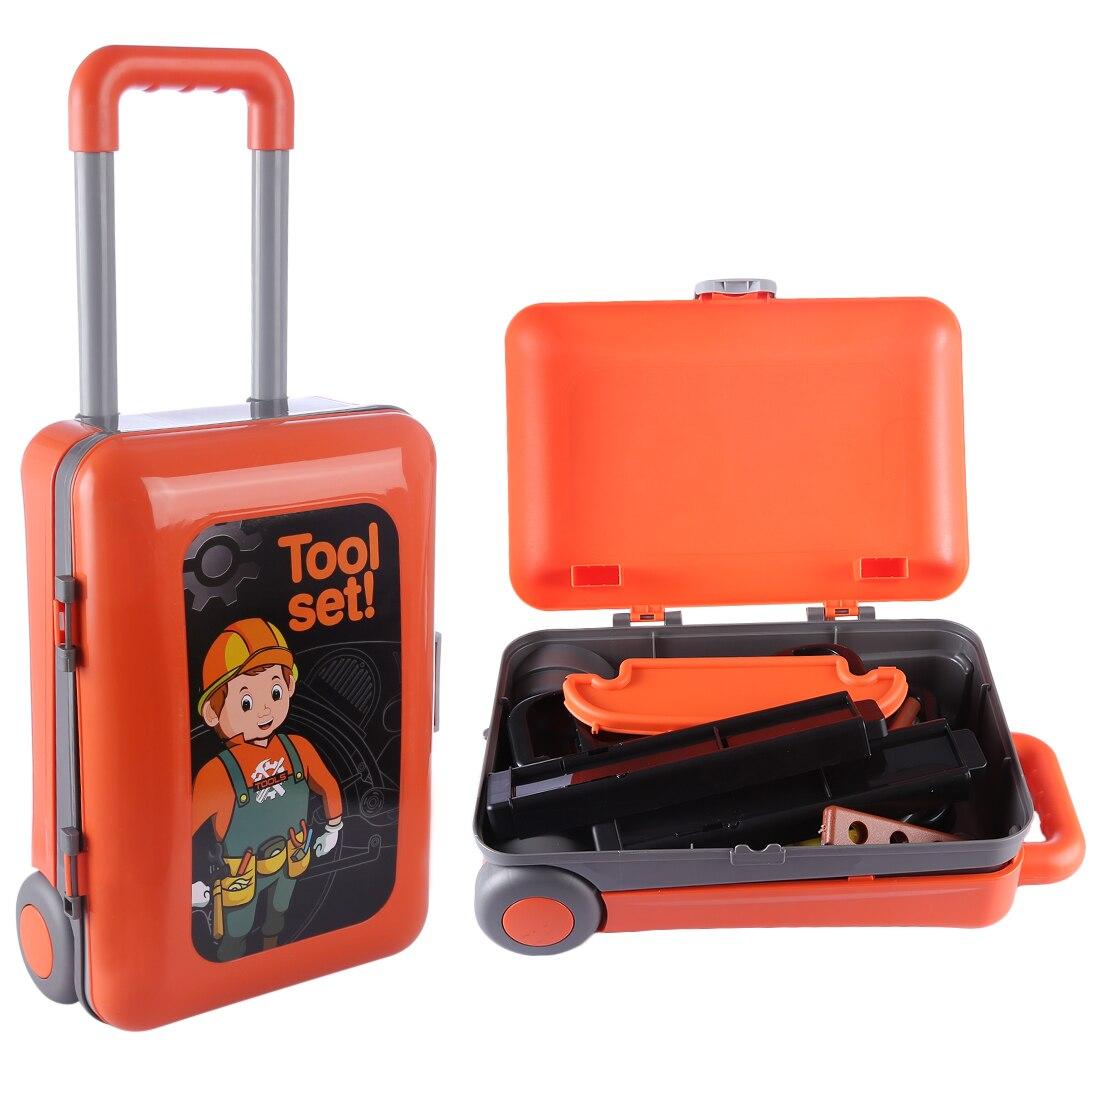 Enfants outil ensemble Simulation ingénieur outils jouet enfant boîte à outils enfants cadeau enfants pour outils enfants semblant réparation jouer jouets